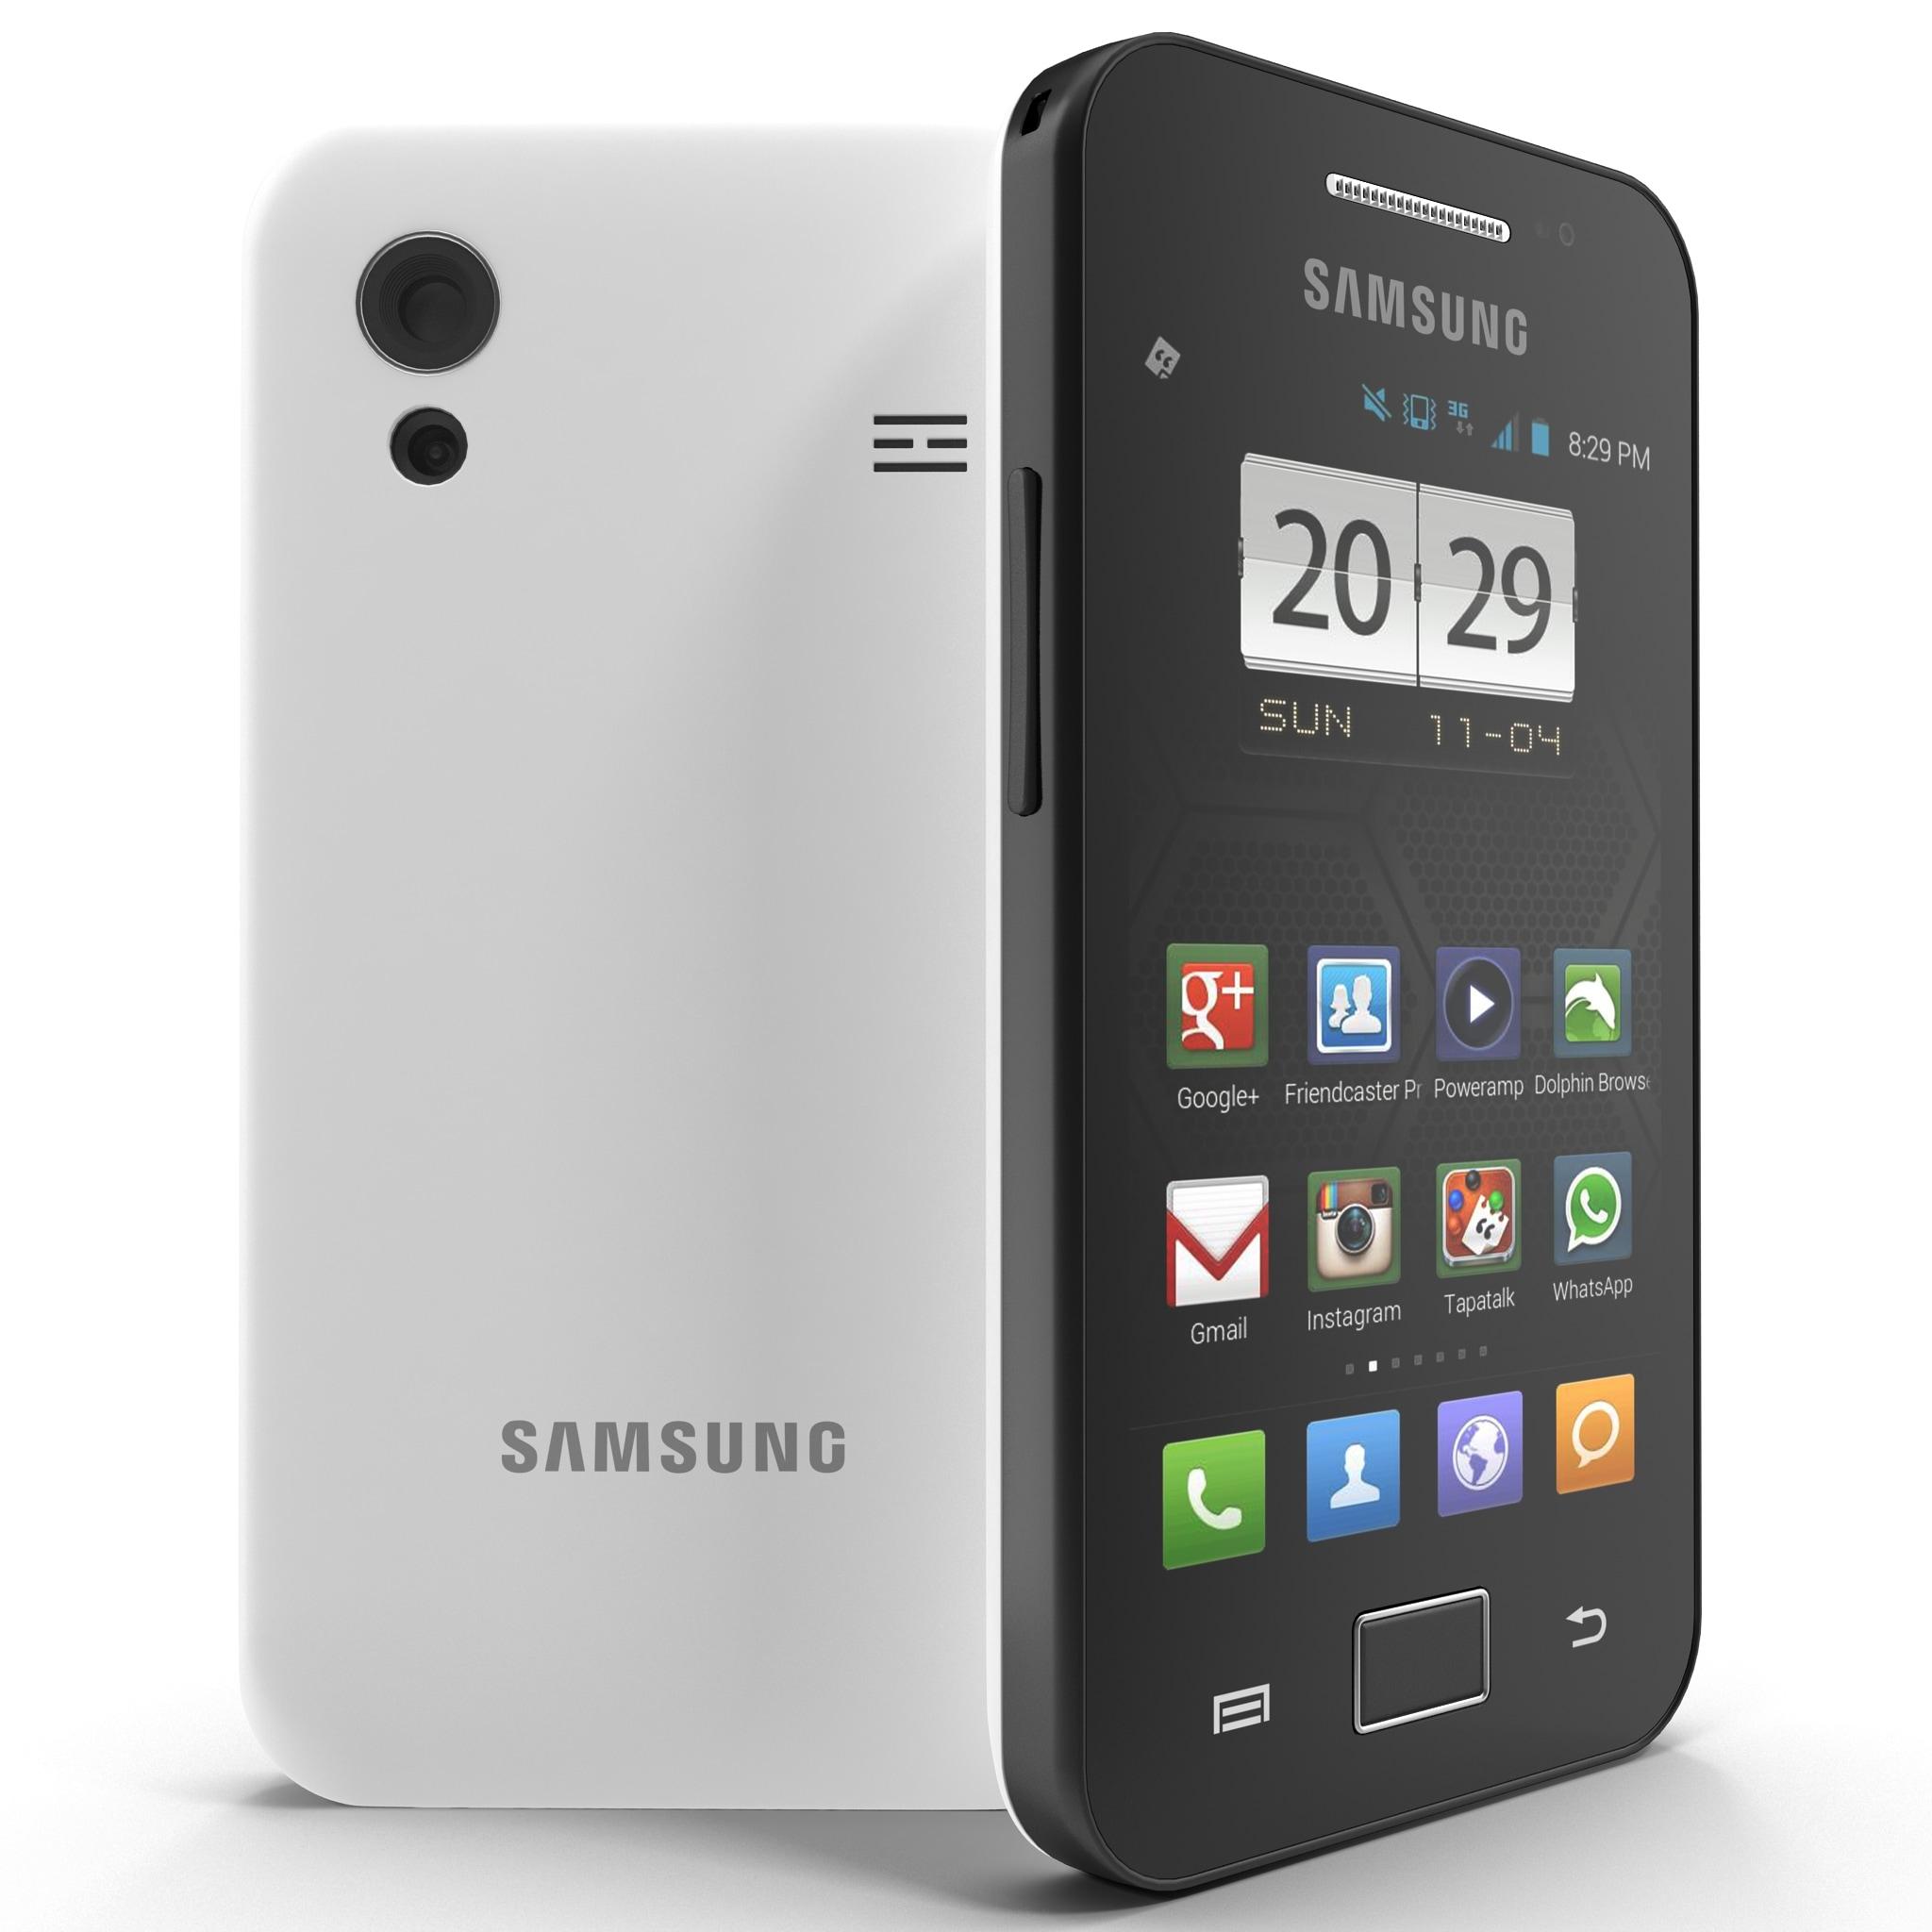 Samsung Galaxy Ace S5830_2.jpg